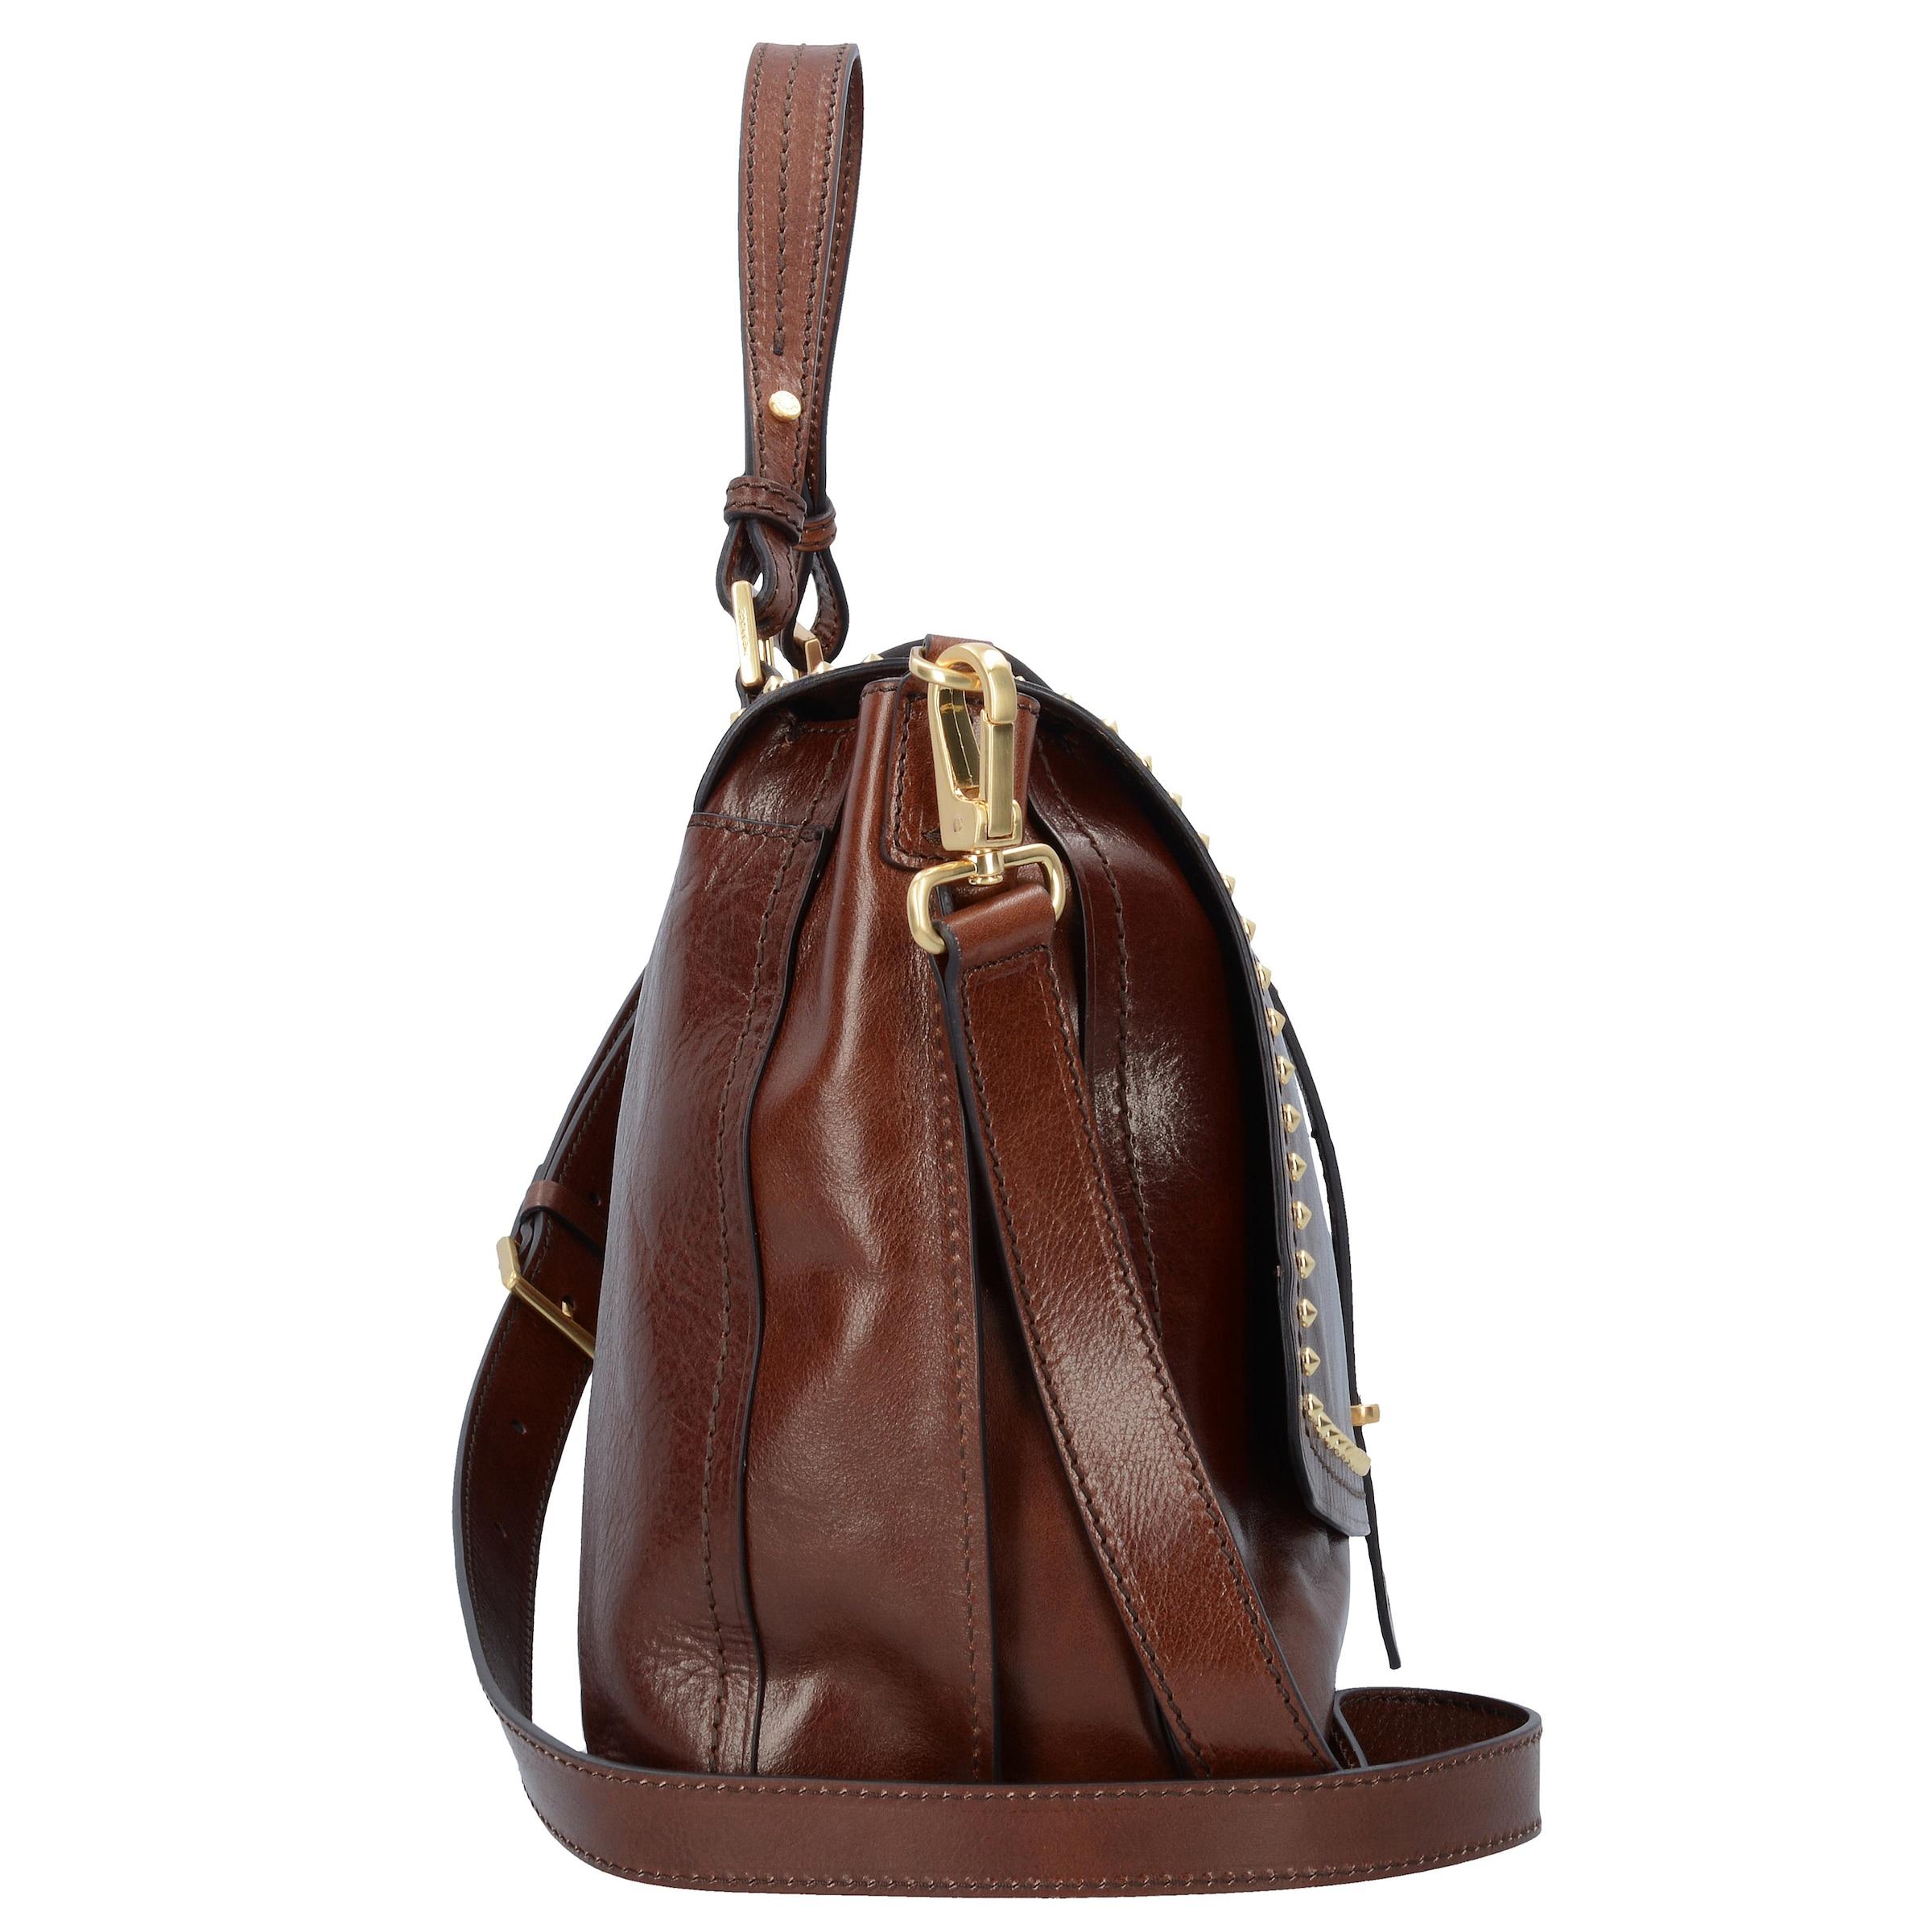 The Bridge Rock Handtasche Leder 36 cm Für Schöne Online Offizieller Online-Verkauf Verkauf Visum Zahlung 1meCUm6A